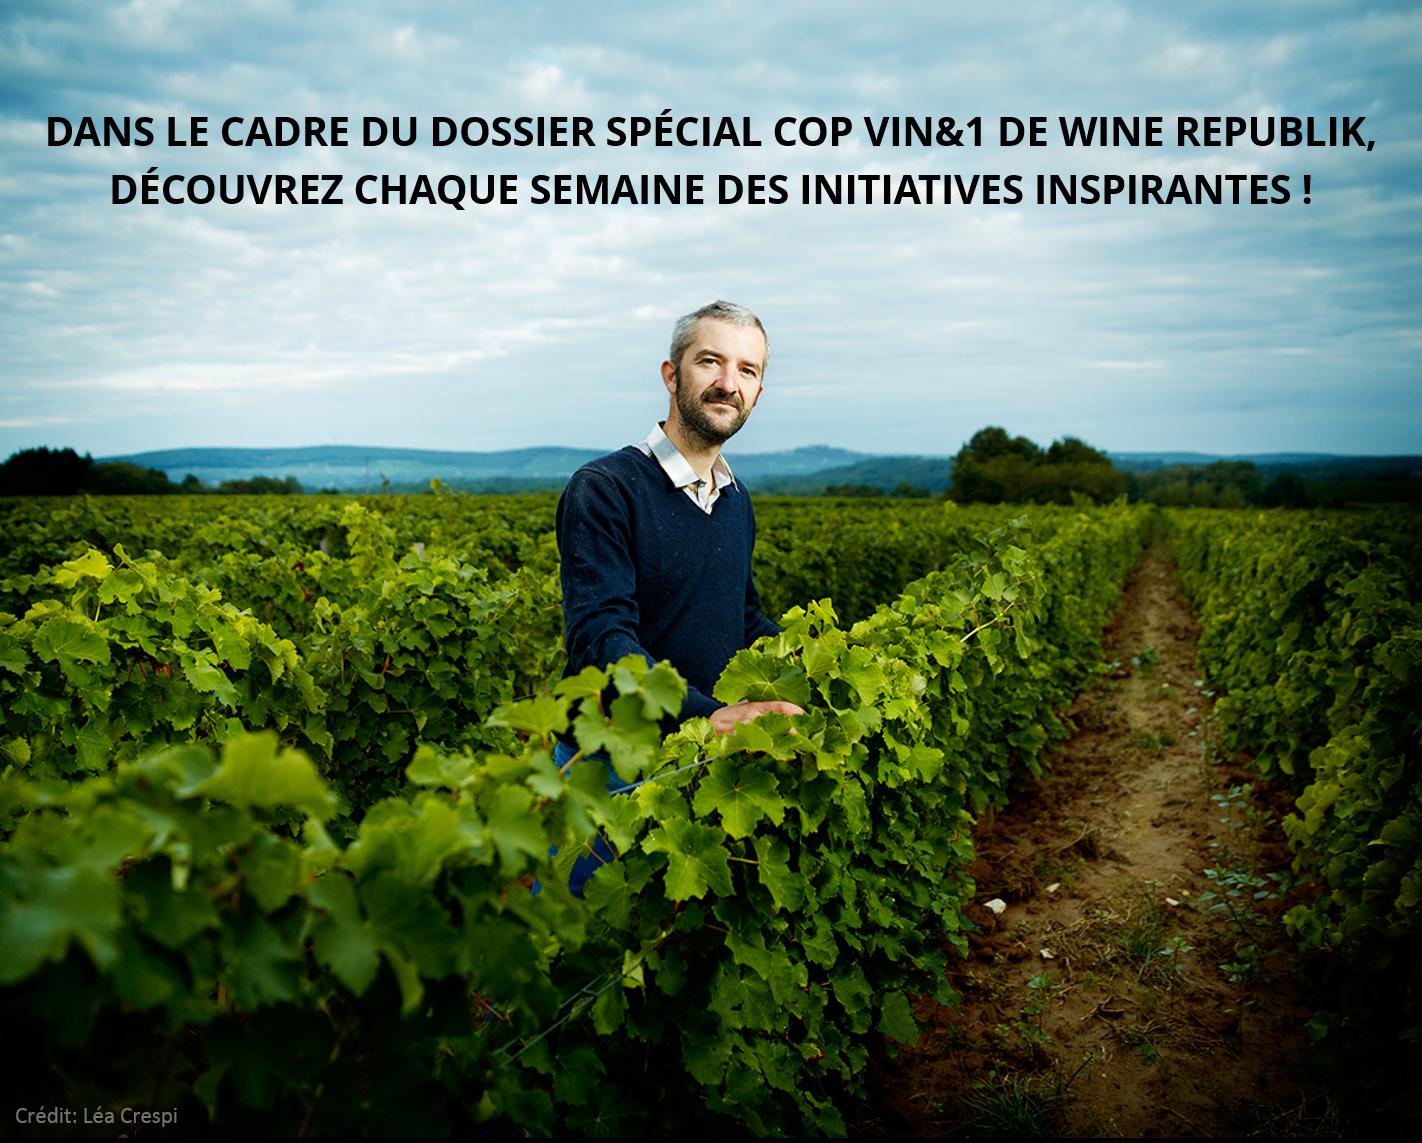 COP VIN&1 inventivité vigneronne